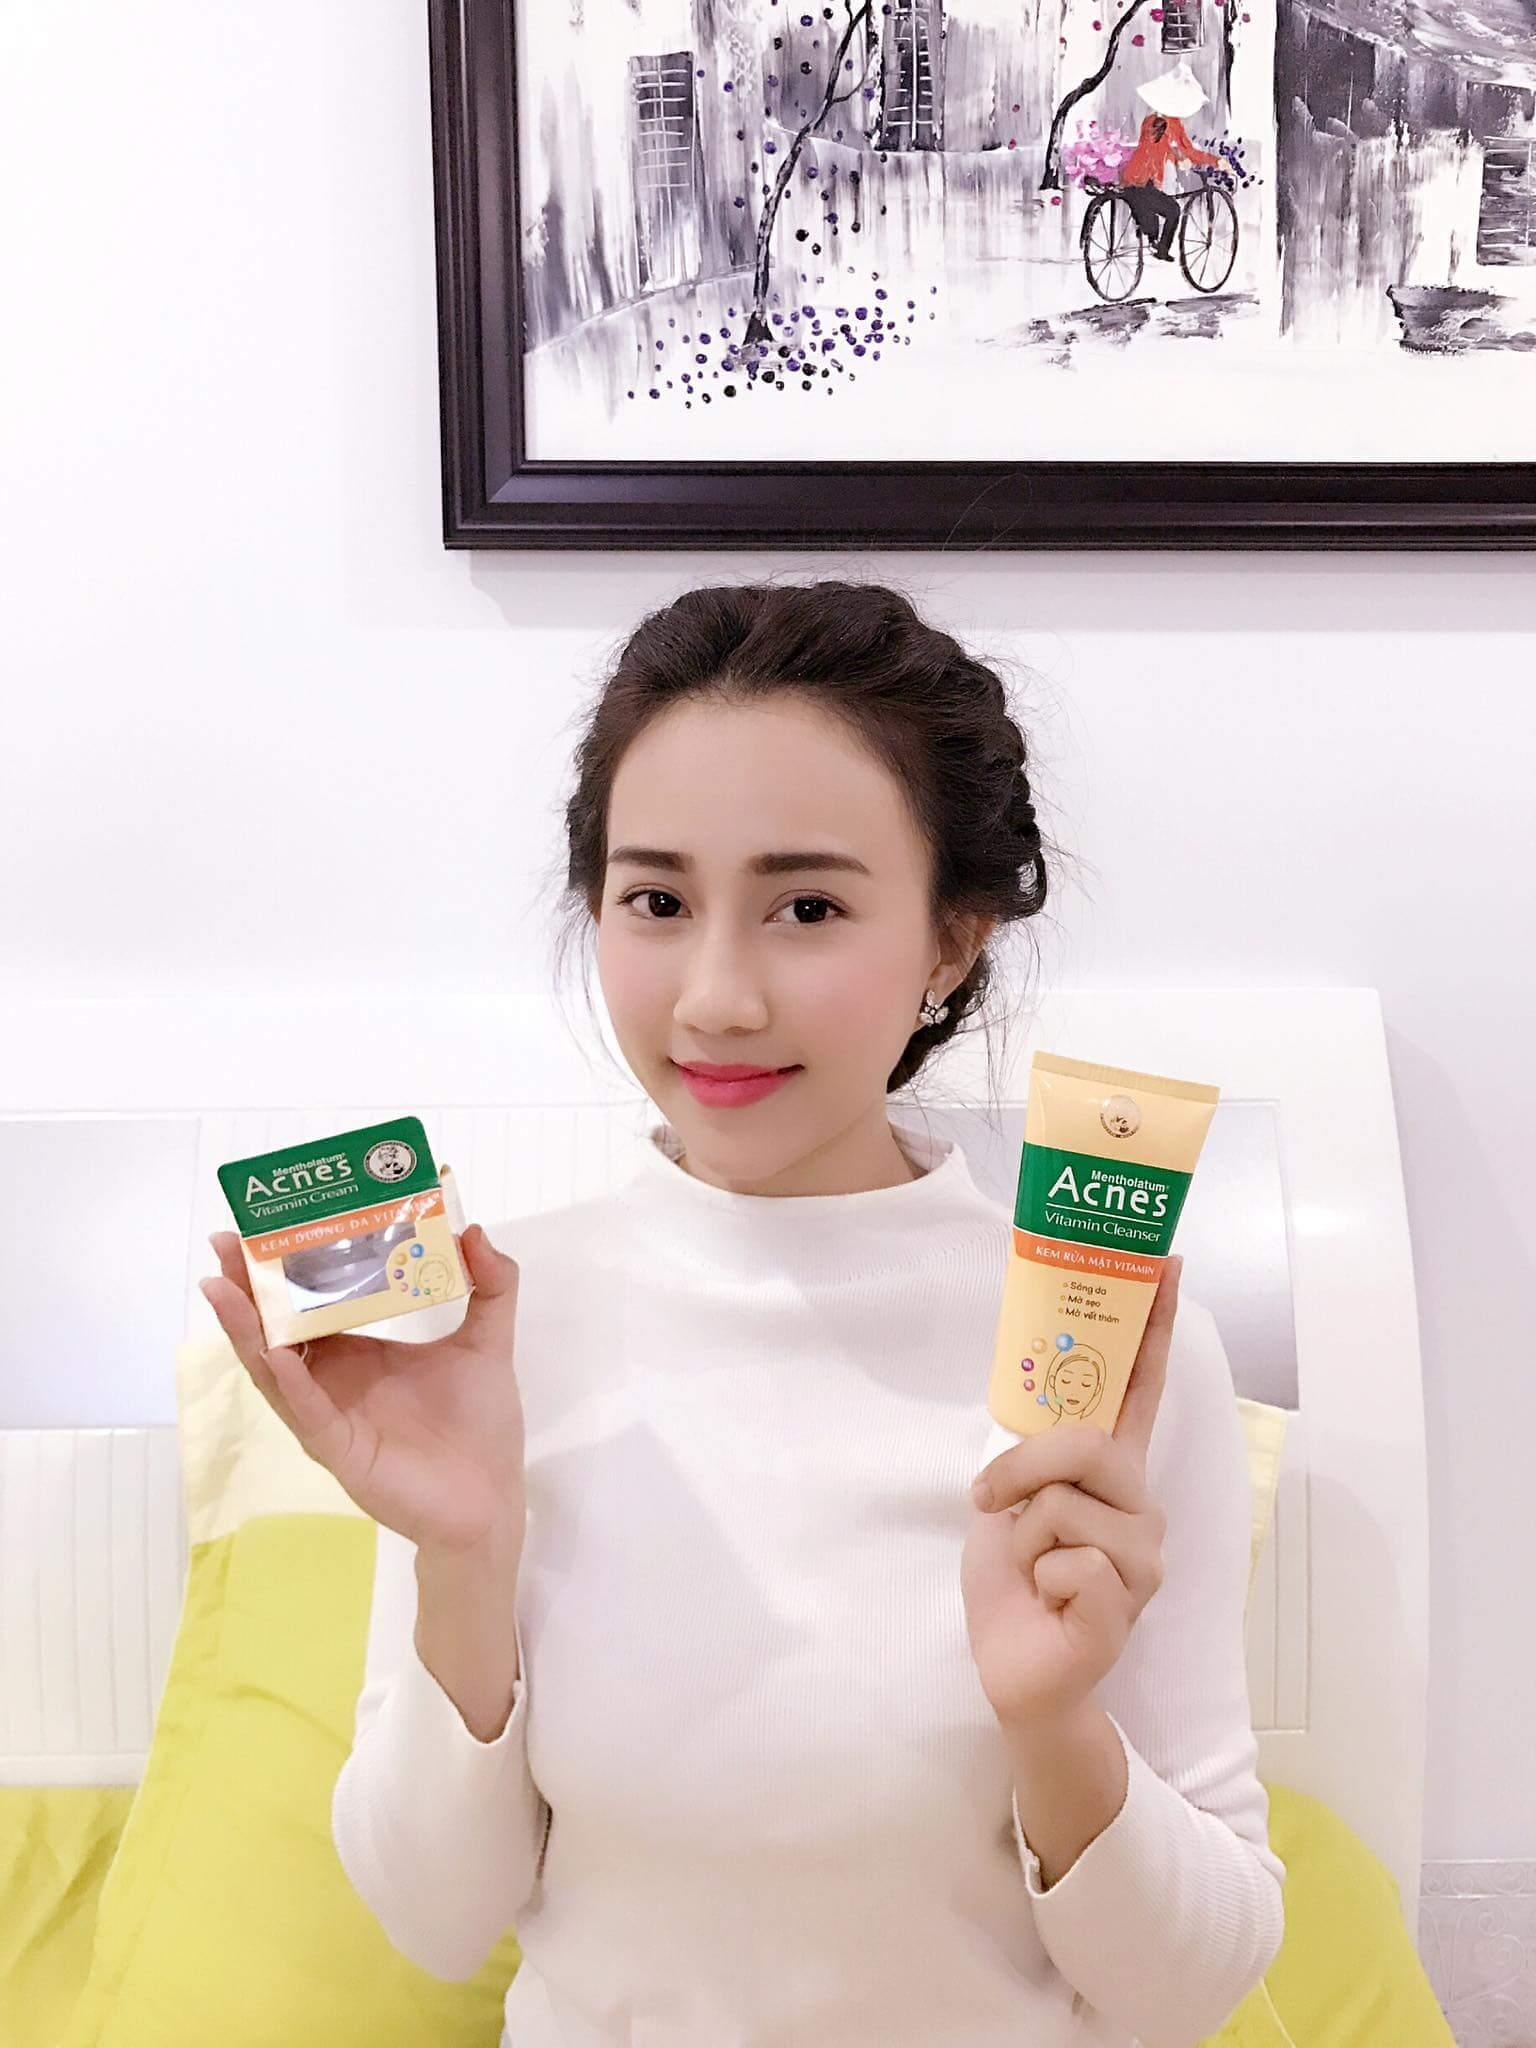 Bạn vừa mới điều trị mụn và làn da vô cùng nhạy cảm. Bạn muốn phục hồi da nhanh chóng nhưng llo lắng về thị trường có quá nhiều sản phẩm . Đừng lo , đã có bộ Acnes Vitamin đã giúp bạn phục hồi da hiệu quả và an toàn.